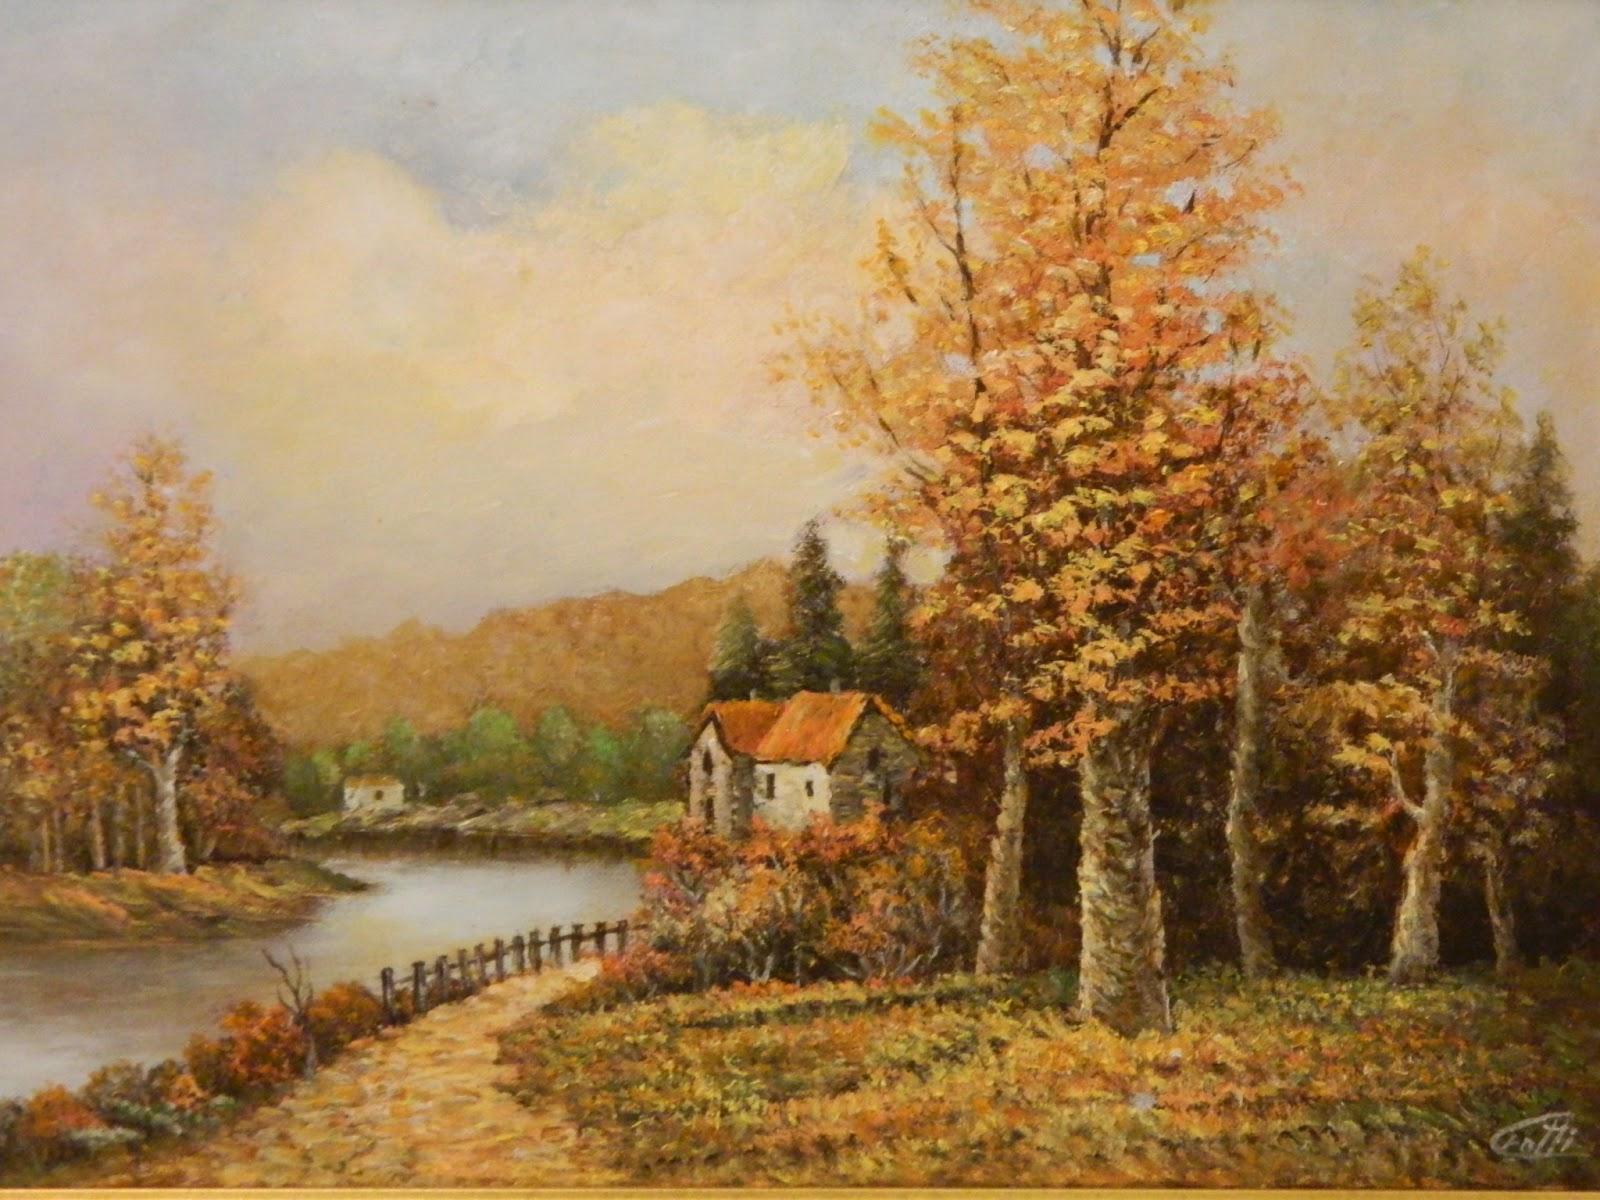 Pennelli e colori nuovi paesaggi d 39 autunno for Immagini autunno hd